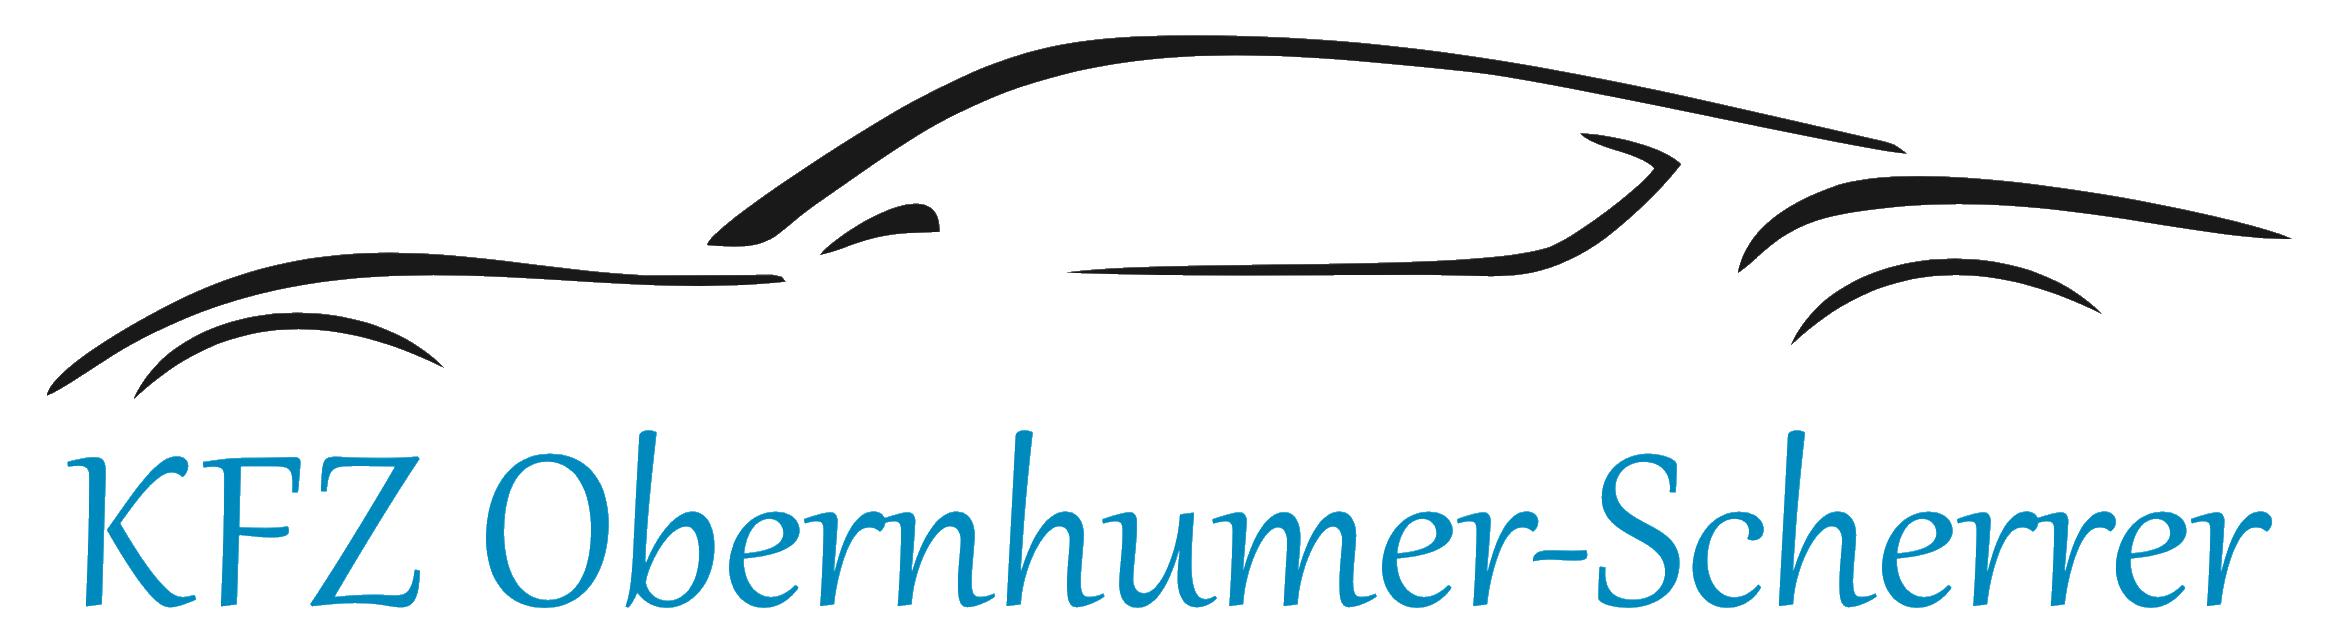 KFZ Obernhumer-Scherrer e.U. - KFZ-Werkstatt in Peuerbach - OÖ   Unsere Leistungen sind: Reparaturen aller Marken, Verkauf Neu- & Gebrauchtwagen, Abschleppdienst, §57a Überprüfung, Reifen & Felgen und Service in OÖ.